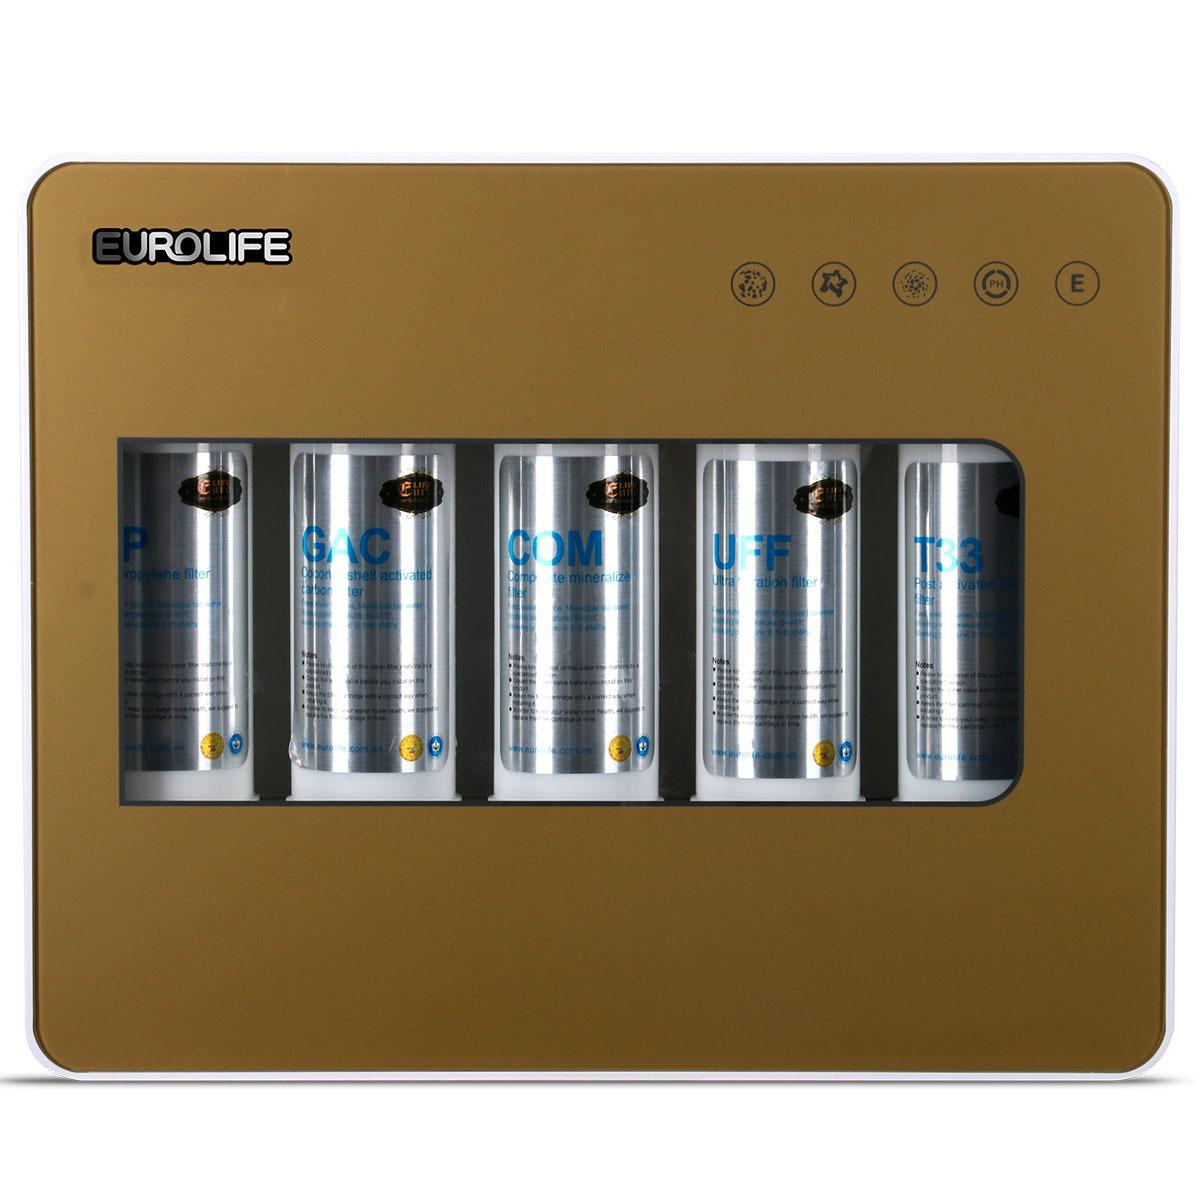 Bán Bộ Lọc Nước 5 Cấp Độ Uống Trực Tiếp Ultra Filter Eurolife El Uf5 1 Vang Đồng Eurolife Có Thương Hiệu